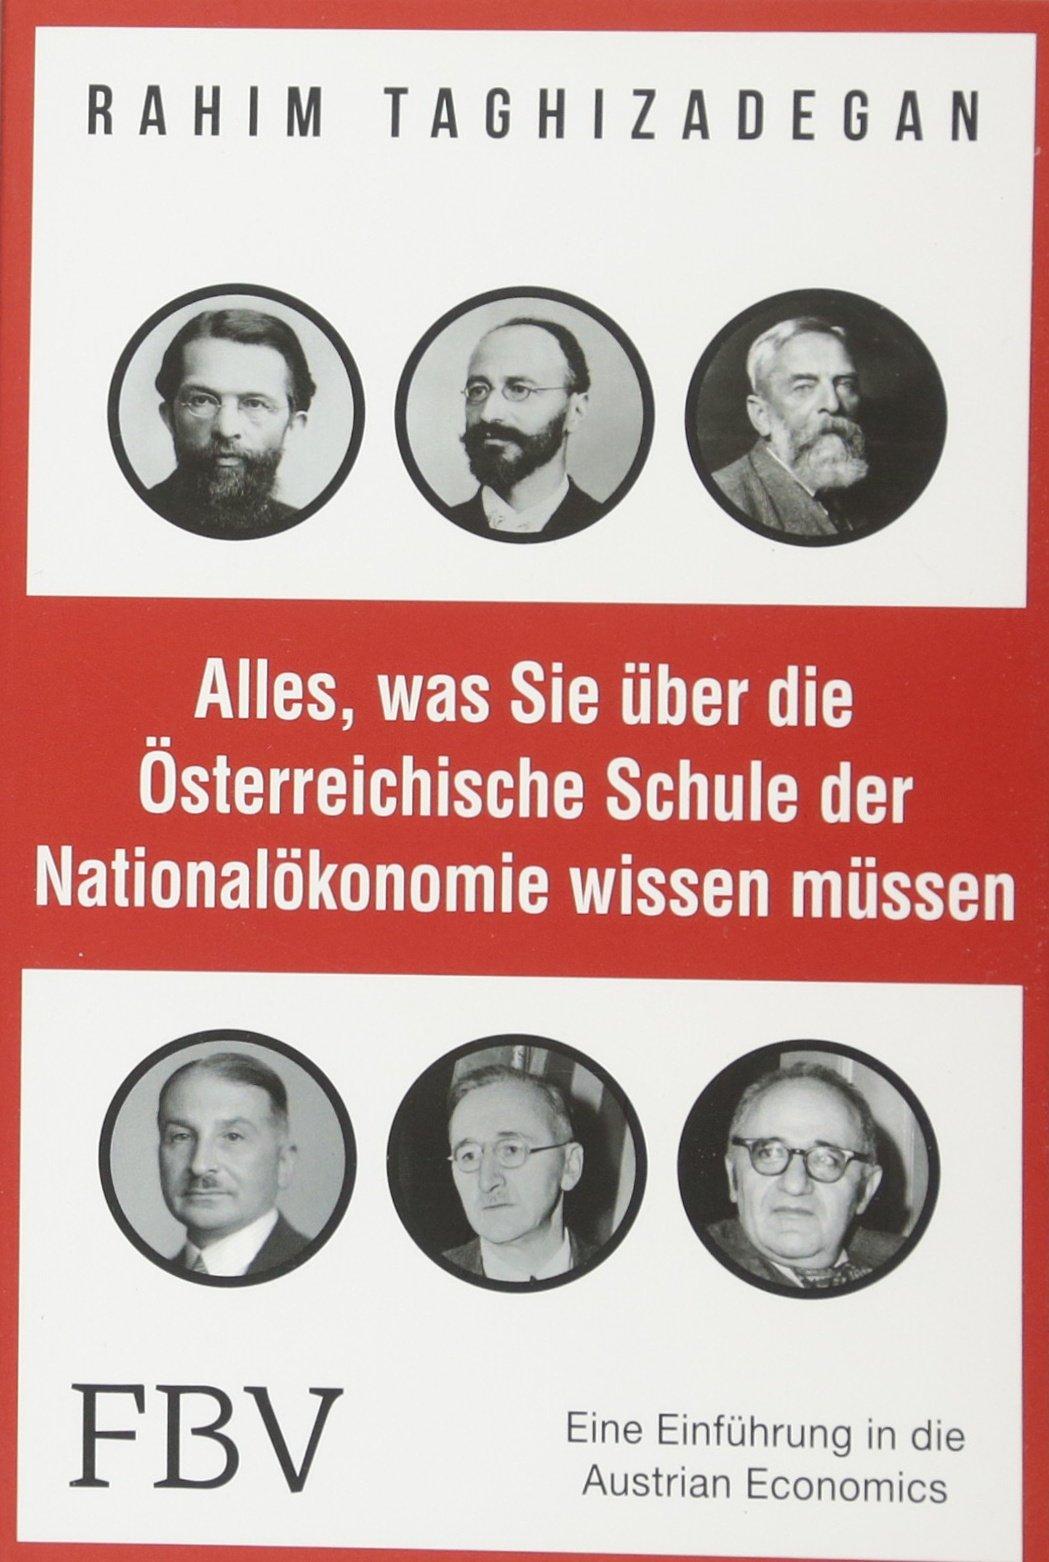 Alles, was Sie über die Österreichische Schule der Nationalökonomie wissen müssen: Eine Einführung in die Austrian Economics